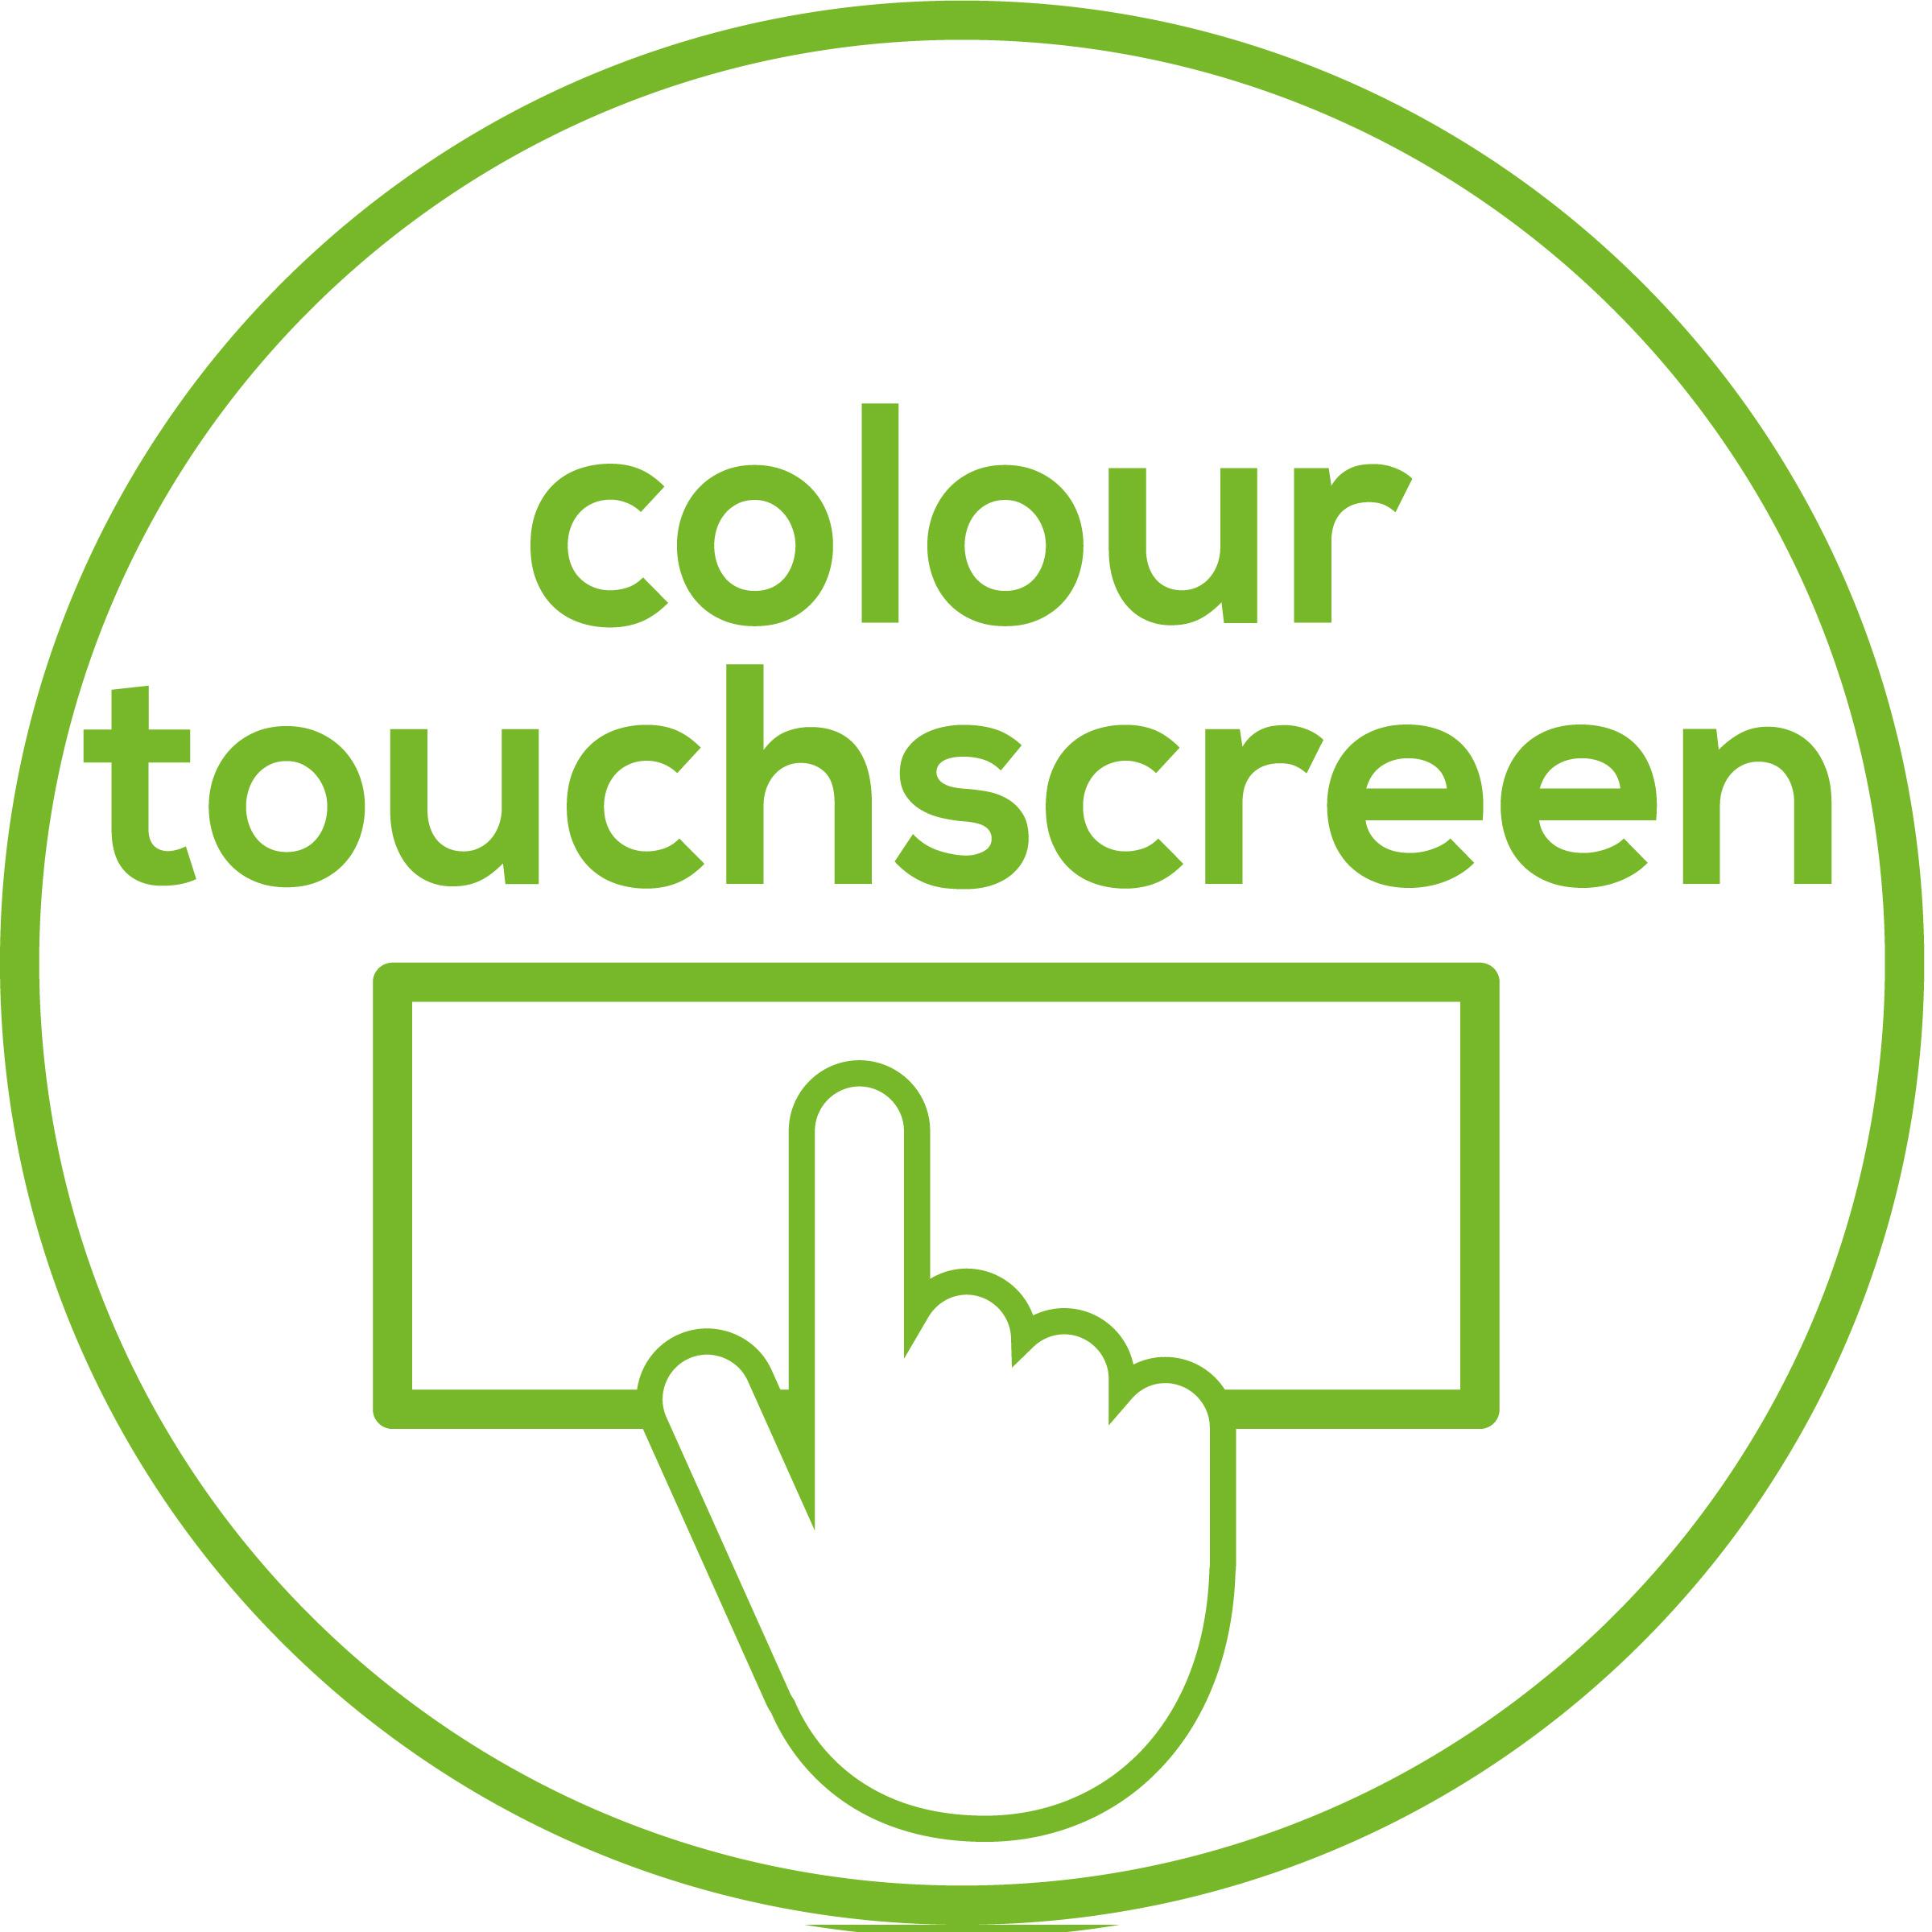 Цветной сенсорный экран Цветной сенсорный экран для простого распознавания оповещений